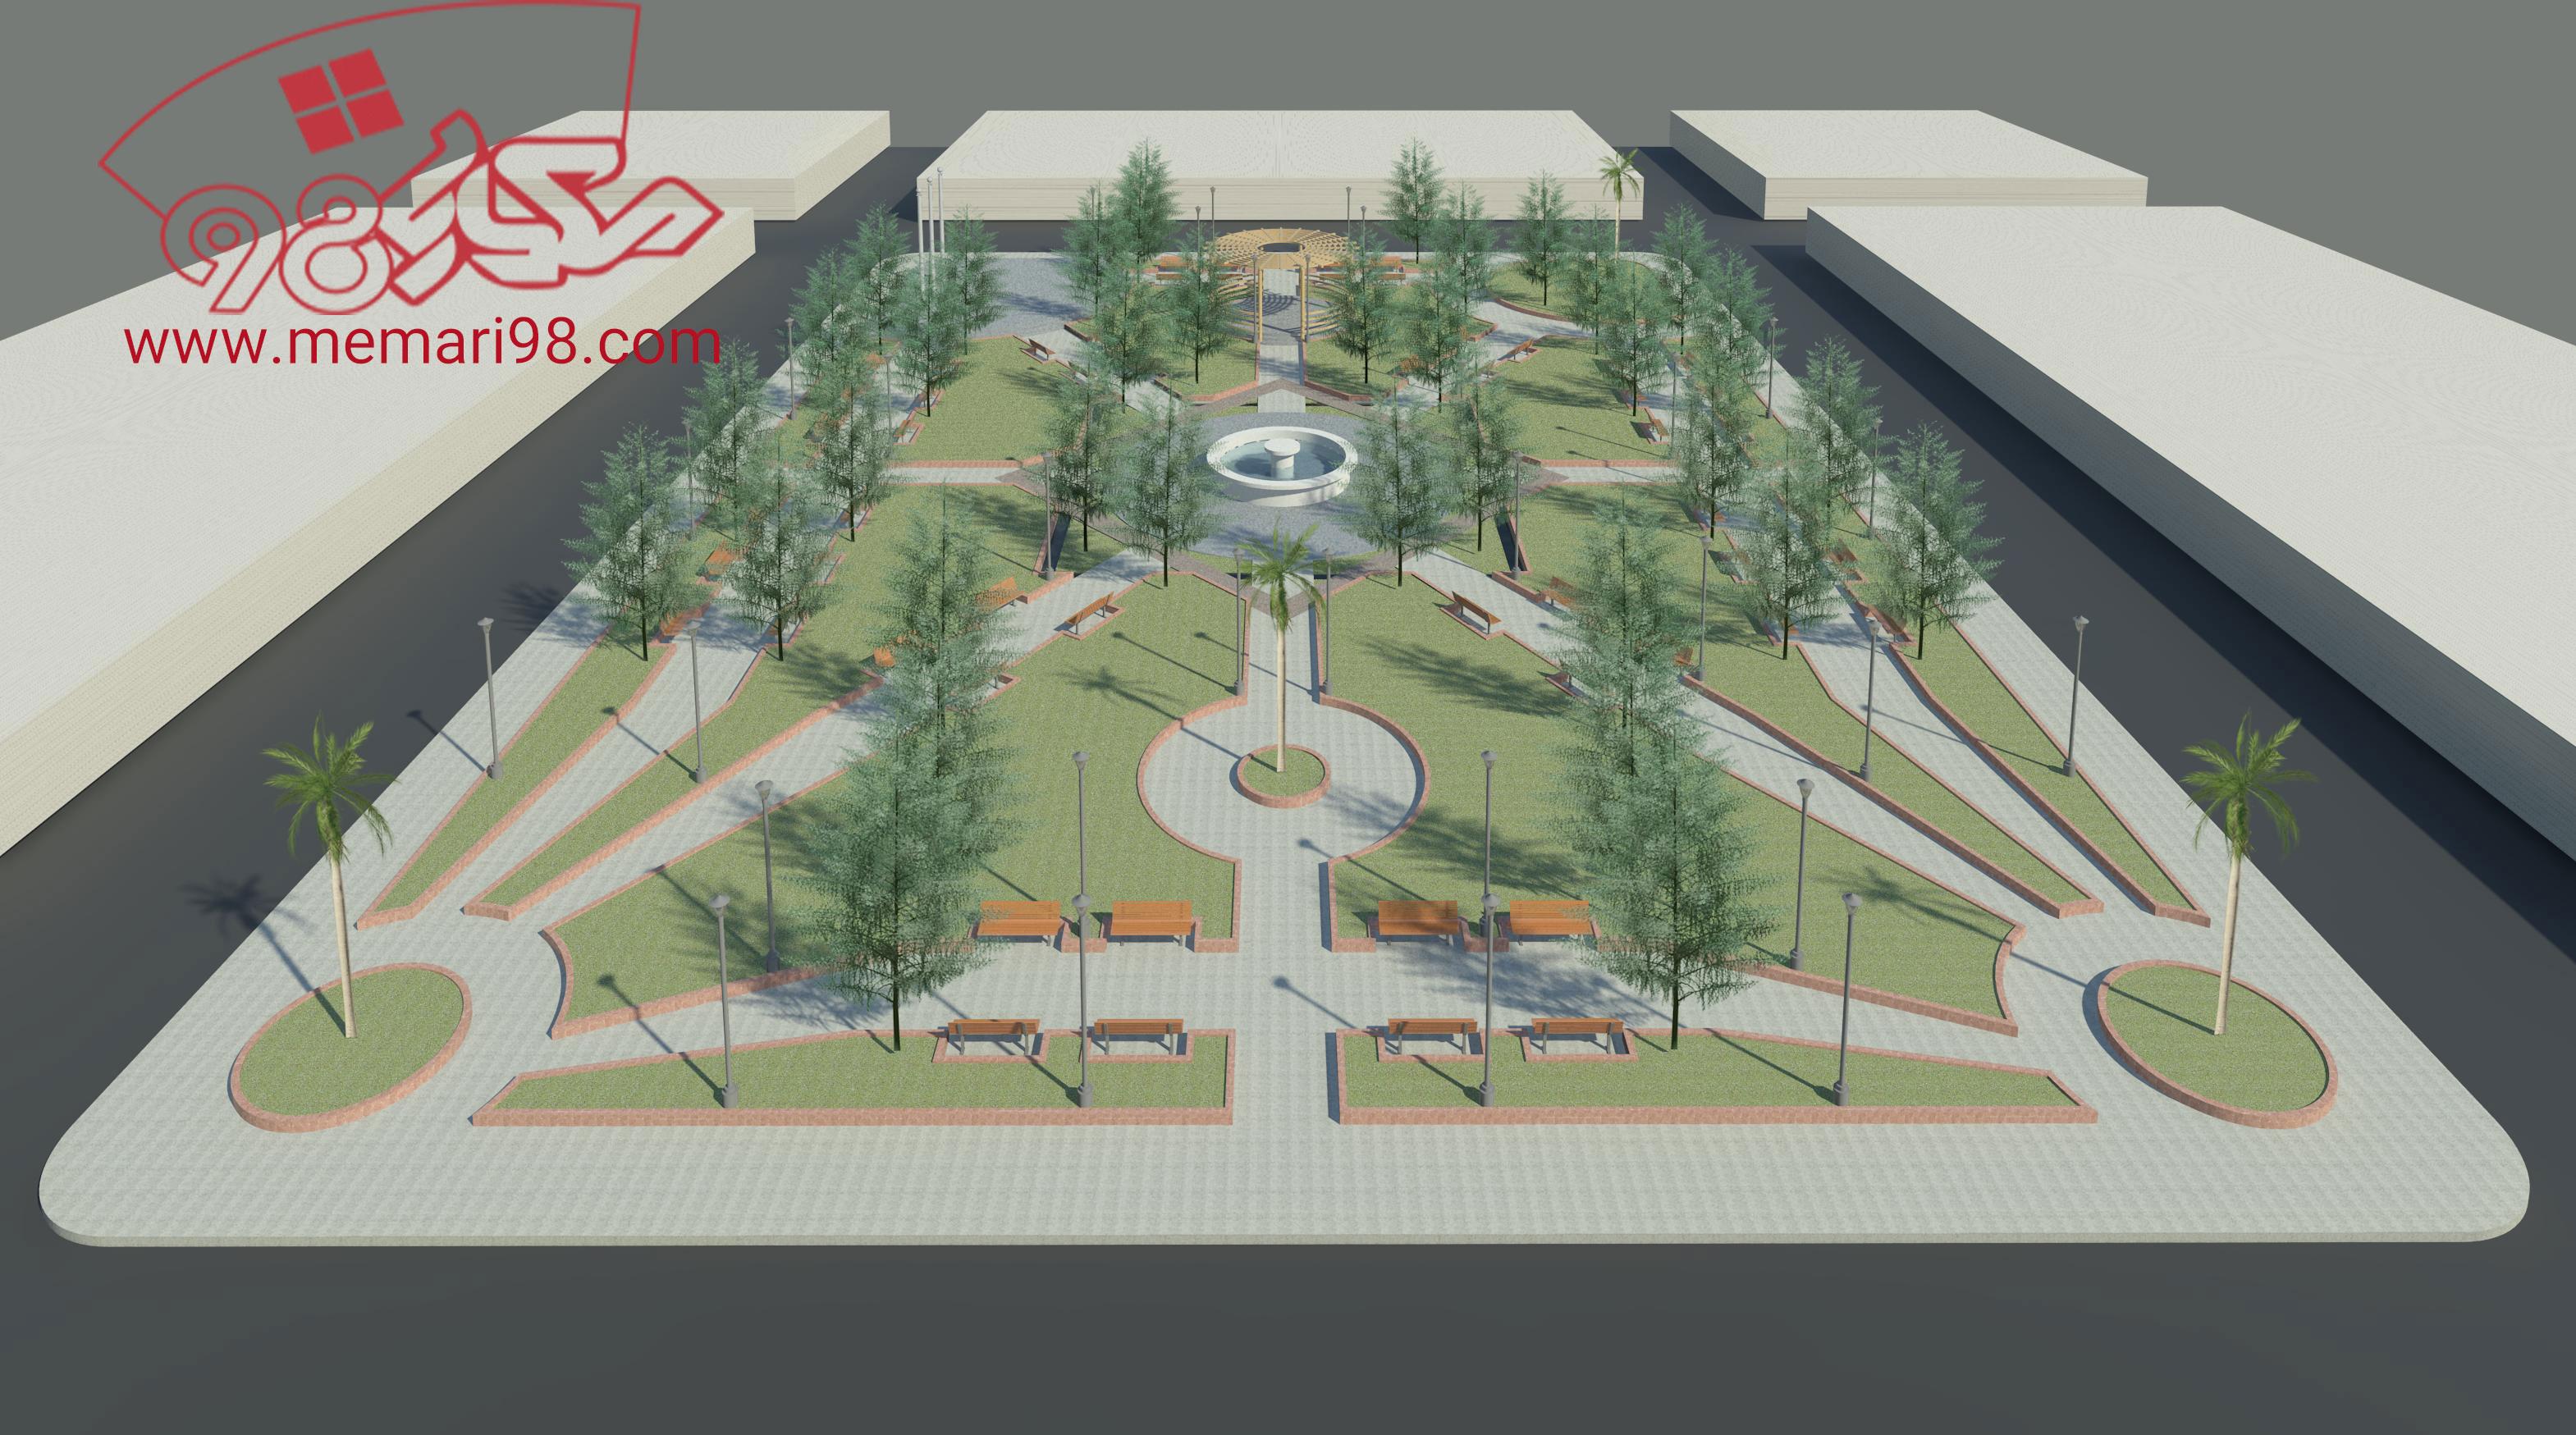 نقشه پارک محلی ( تری دی مکس - اتوکد - psd - شیت بندی )